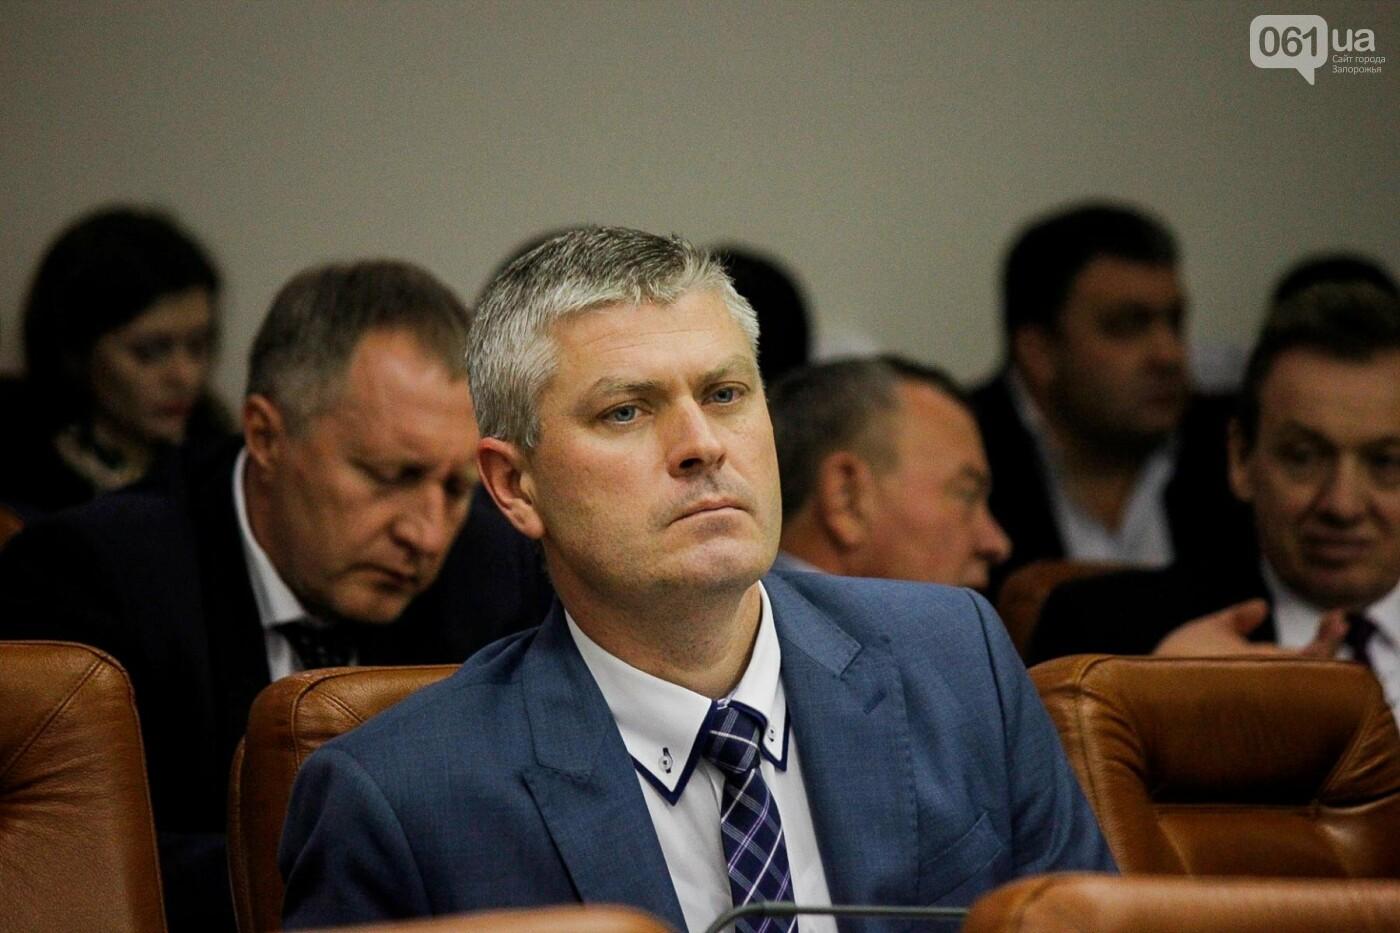 Сессия запорожского горсовета в 55 фотографиях, - ФОТОРЕПОРТАЖ, фото-20